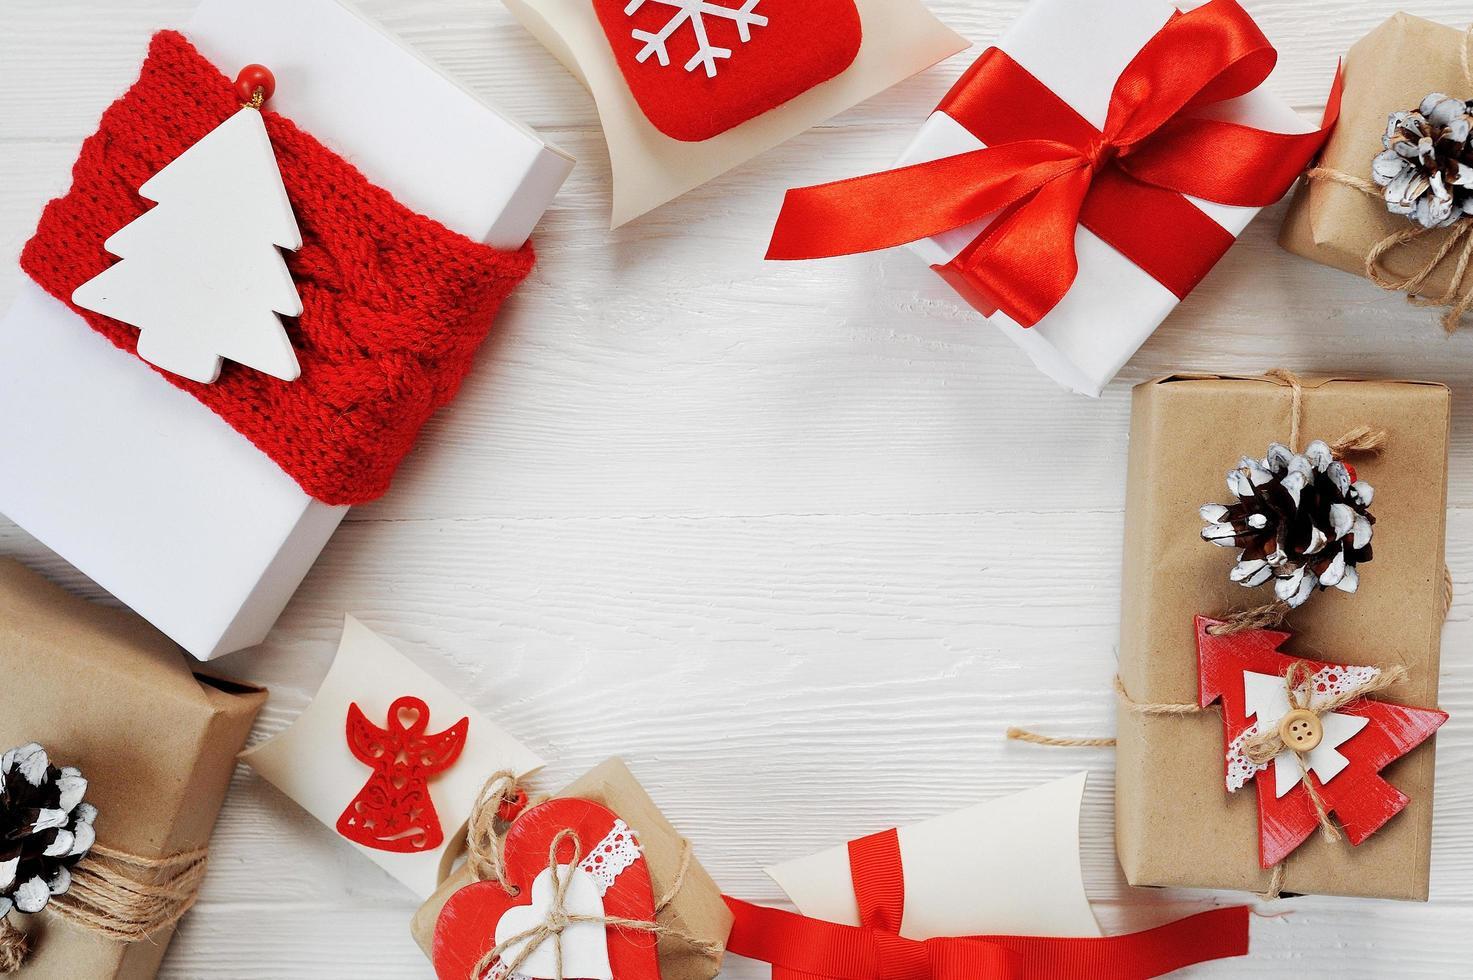 boîtes de Noël décorées de nœuds rouges photo